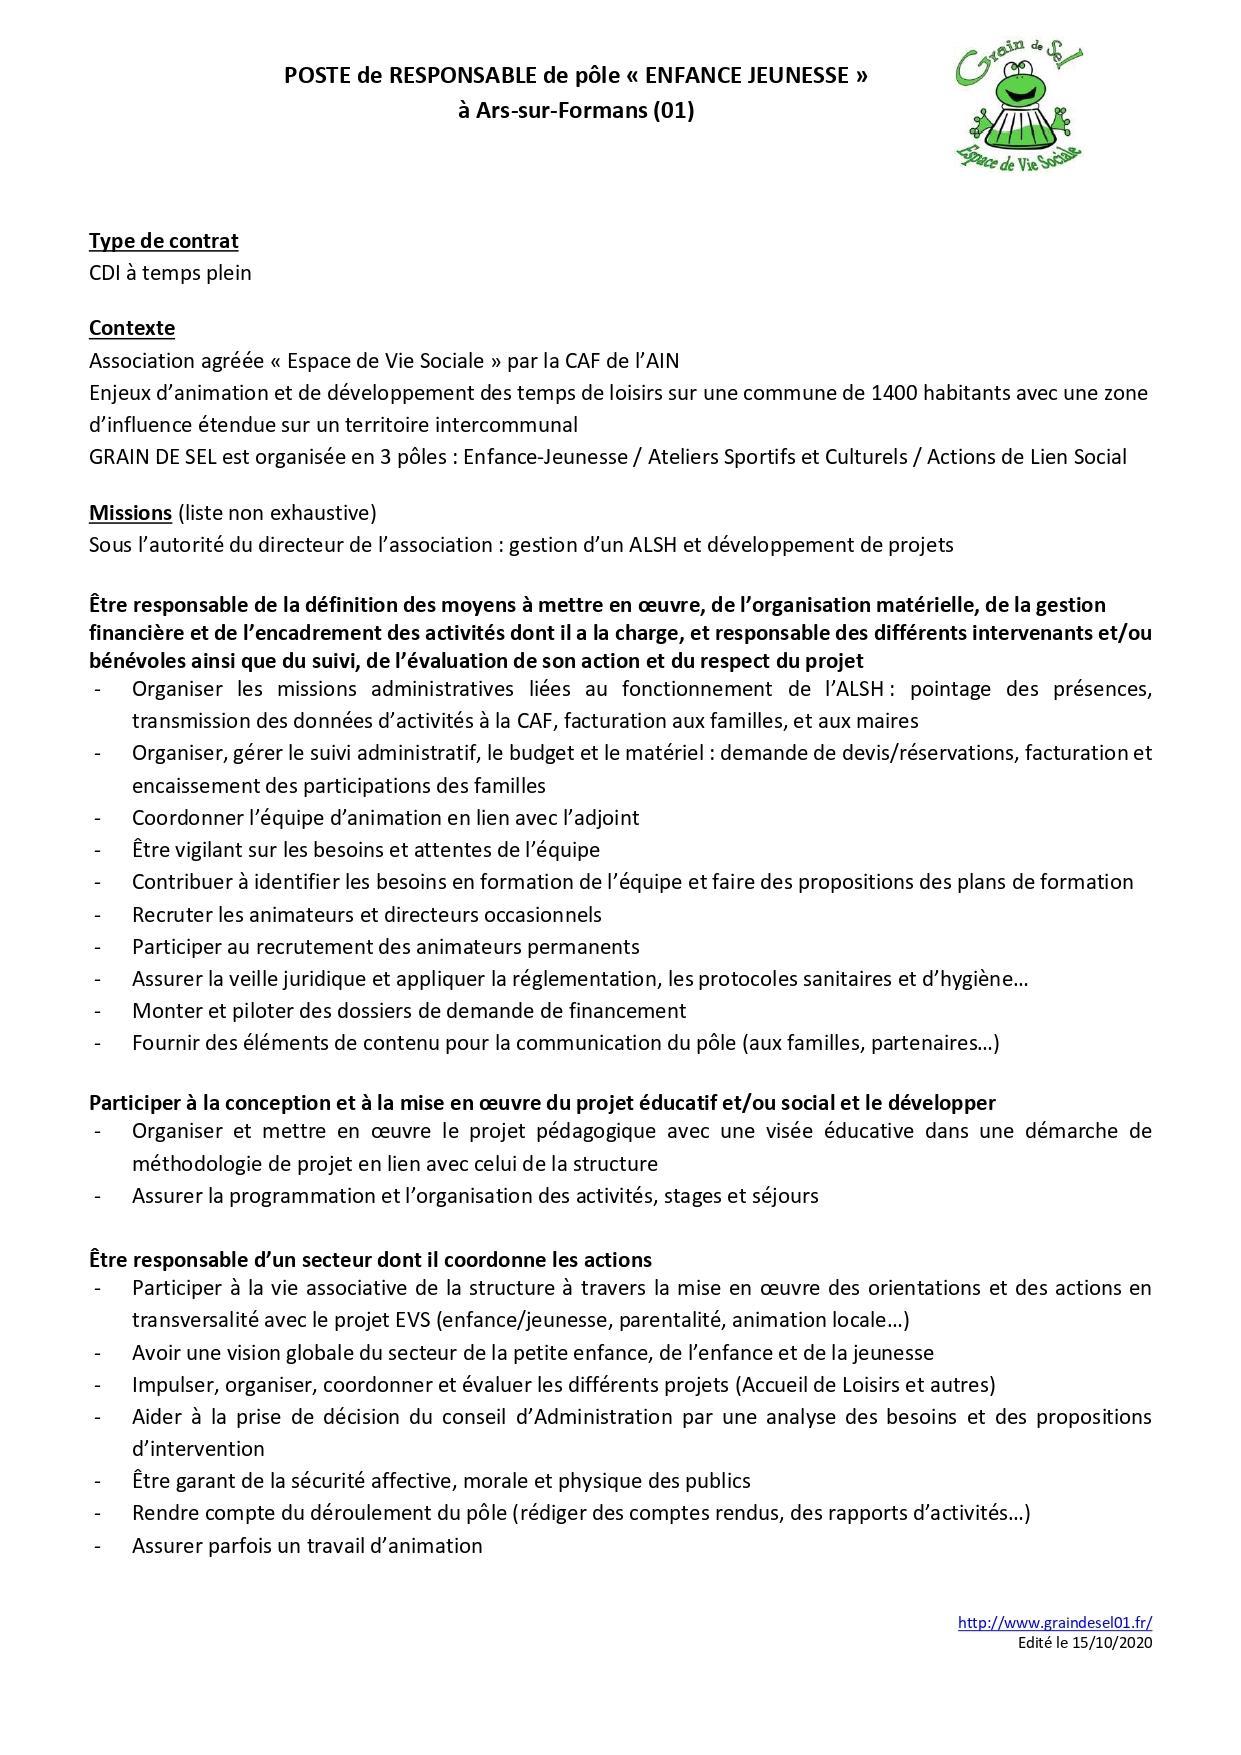 Poste responsable enfance jeunesse novembre 2020 page 0001